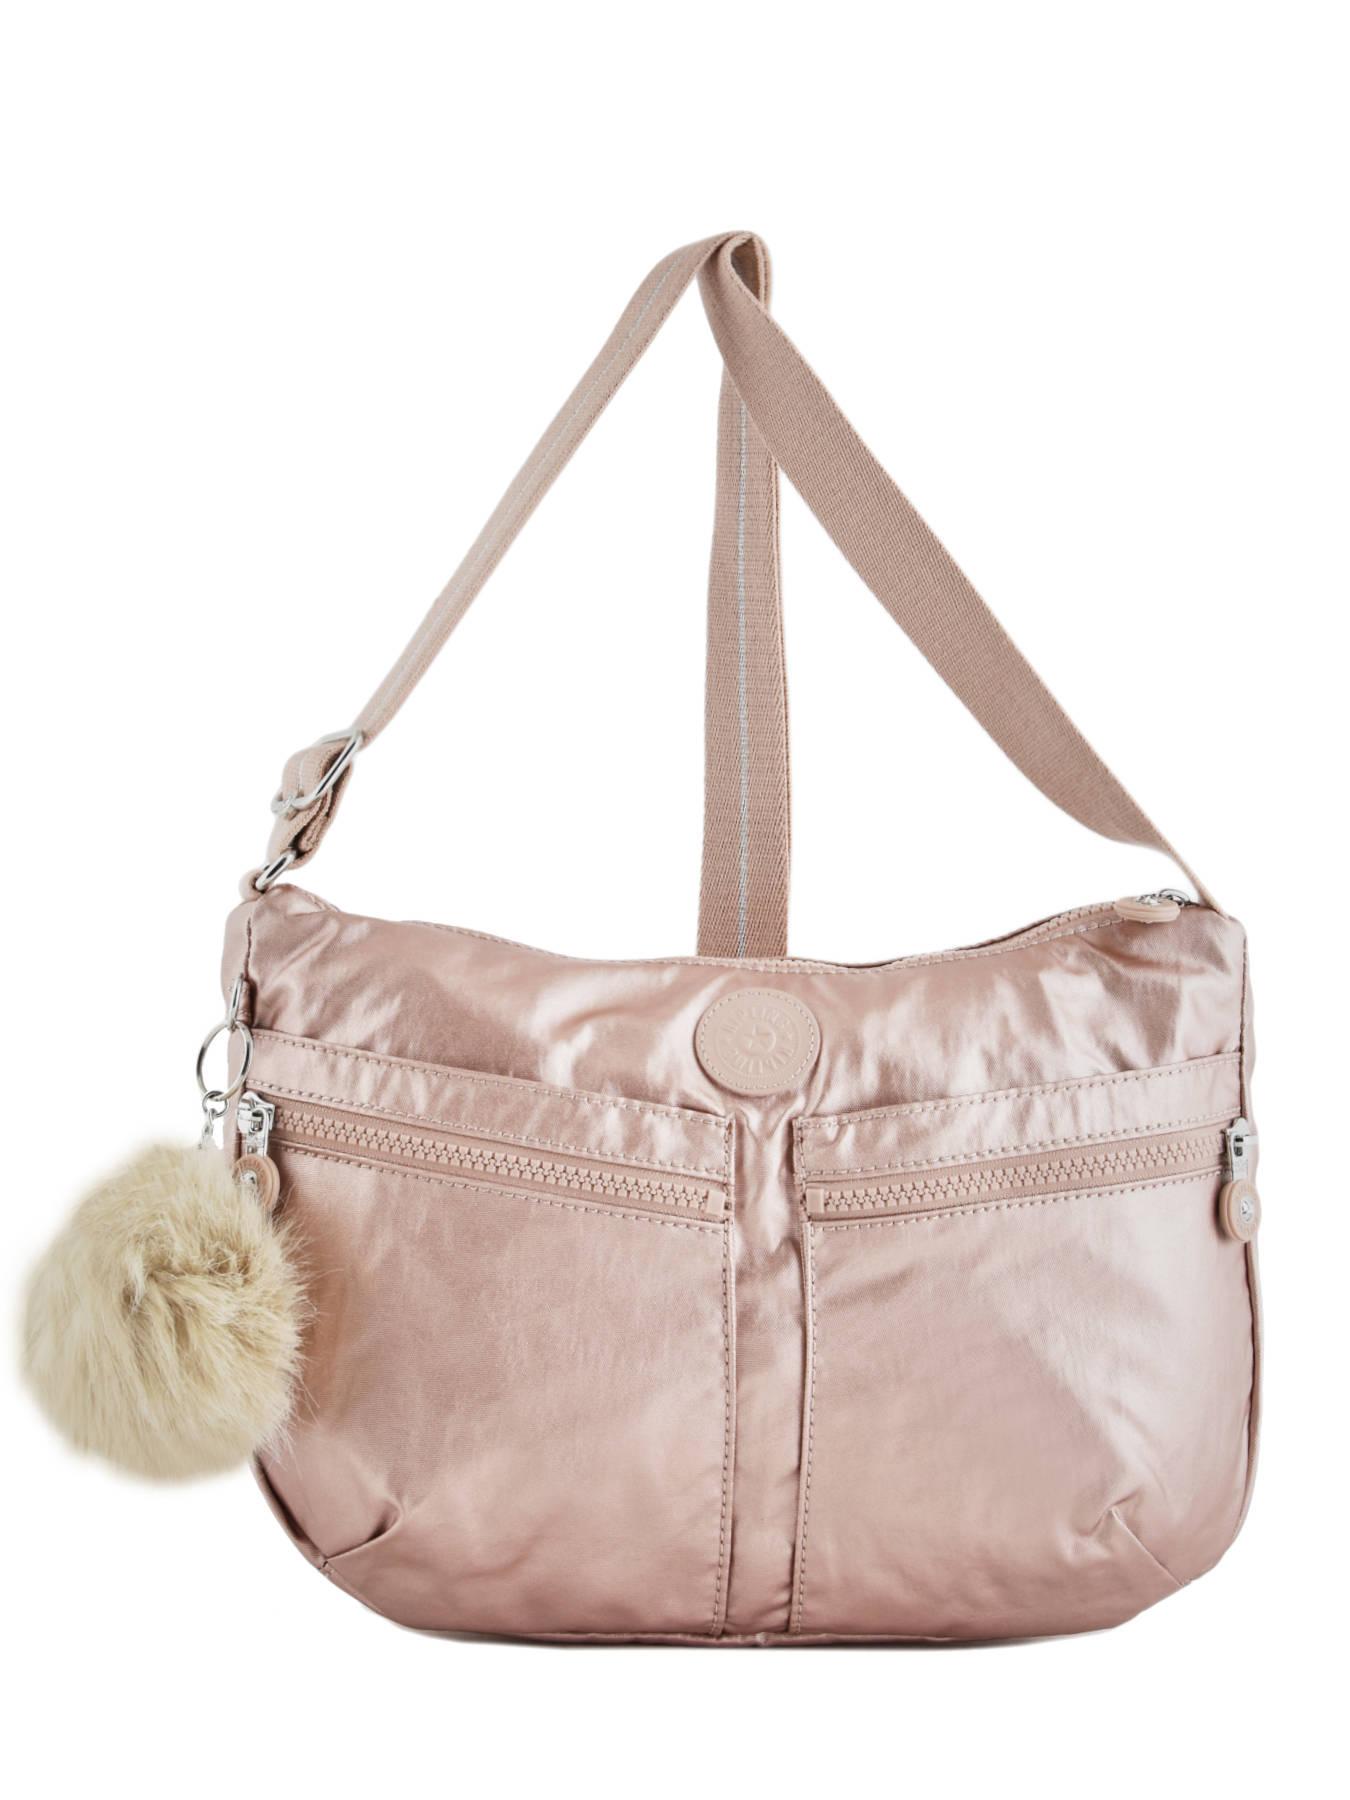 3d3844e65bd ... Crossbody Bag Basic + Kipling Pink basic + 12592 ...